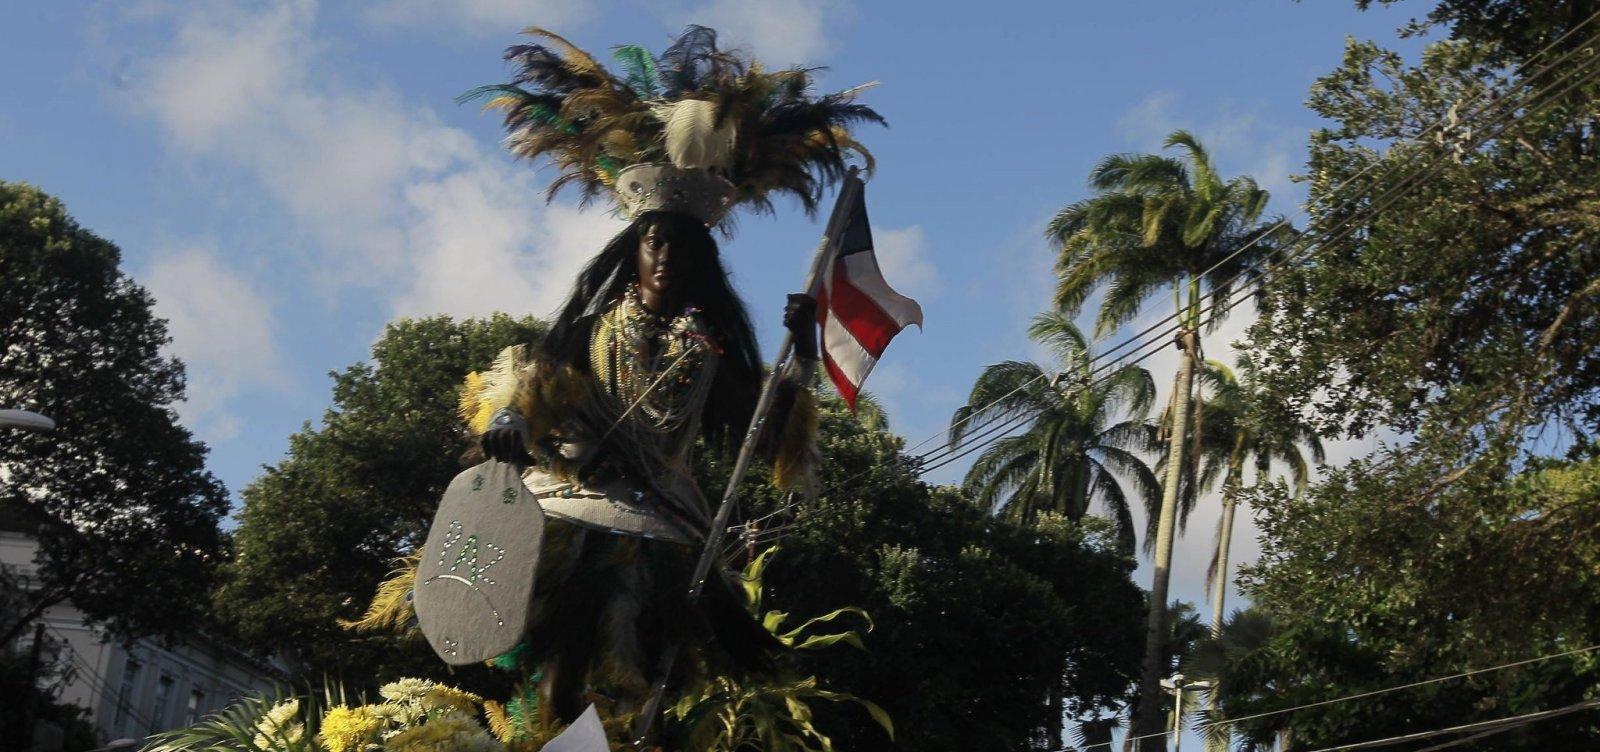 [Sem desfile tradicional, 2 de Julho terá programação online e cerimônia com autoridades]